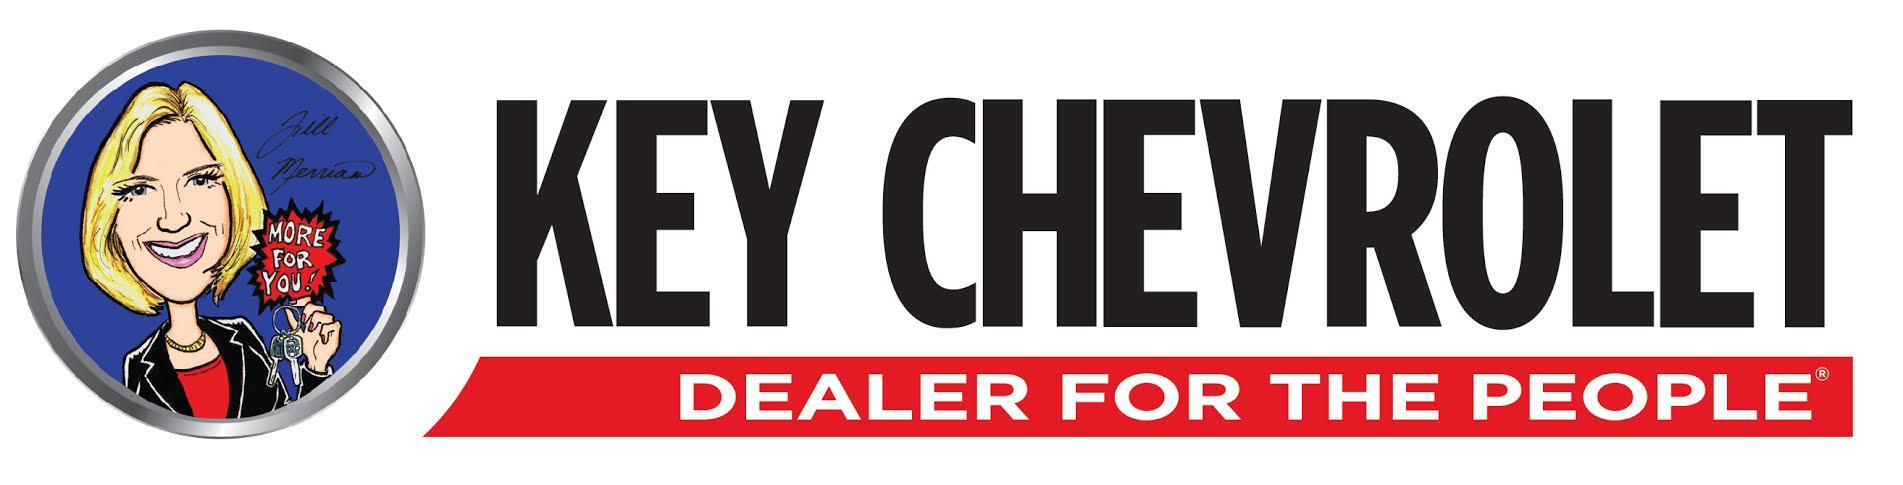 Key Chevrolet